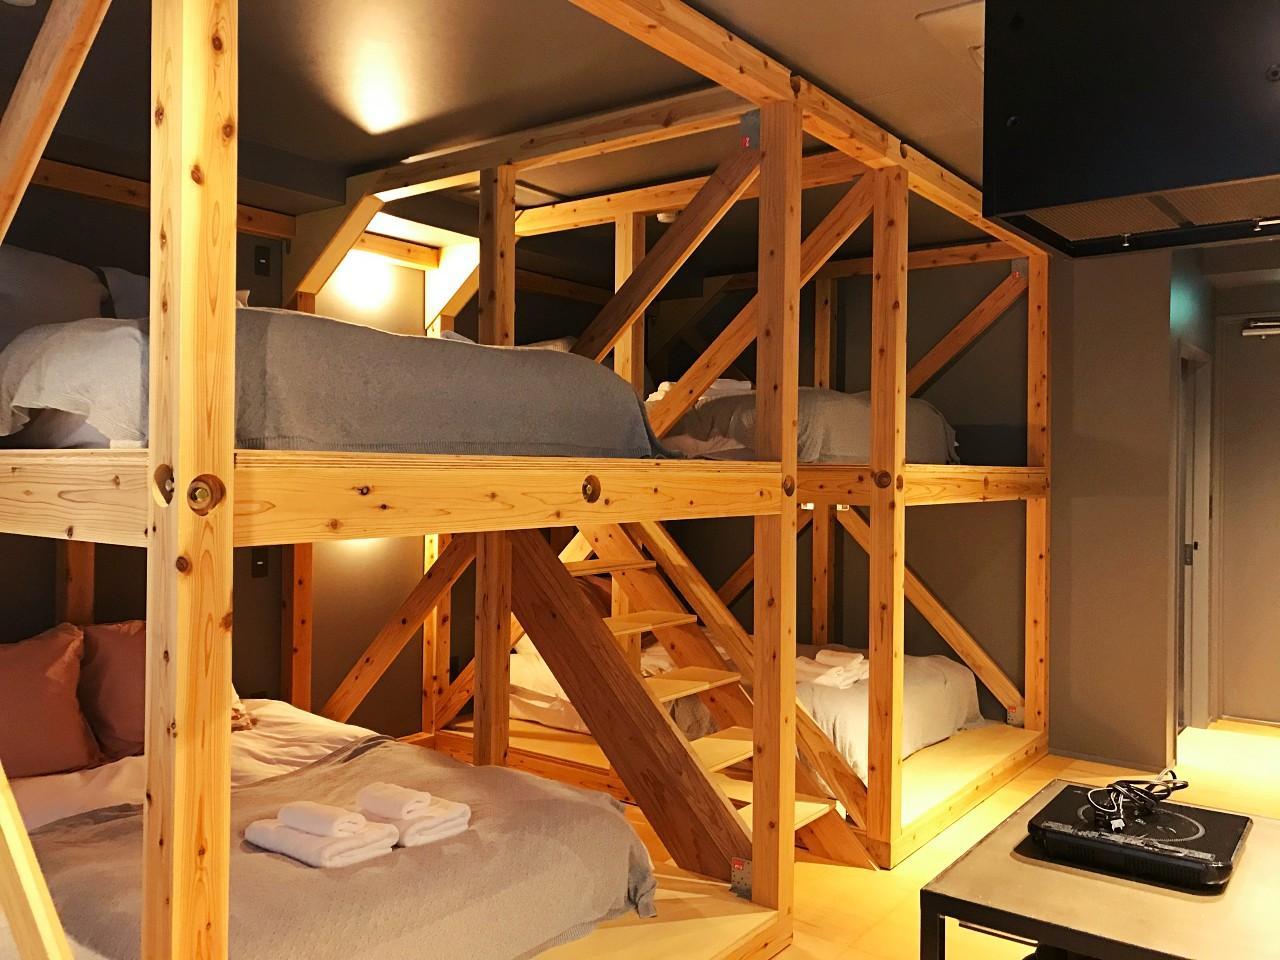 ドミトリー形式の内装な3階